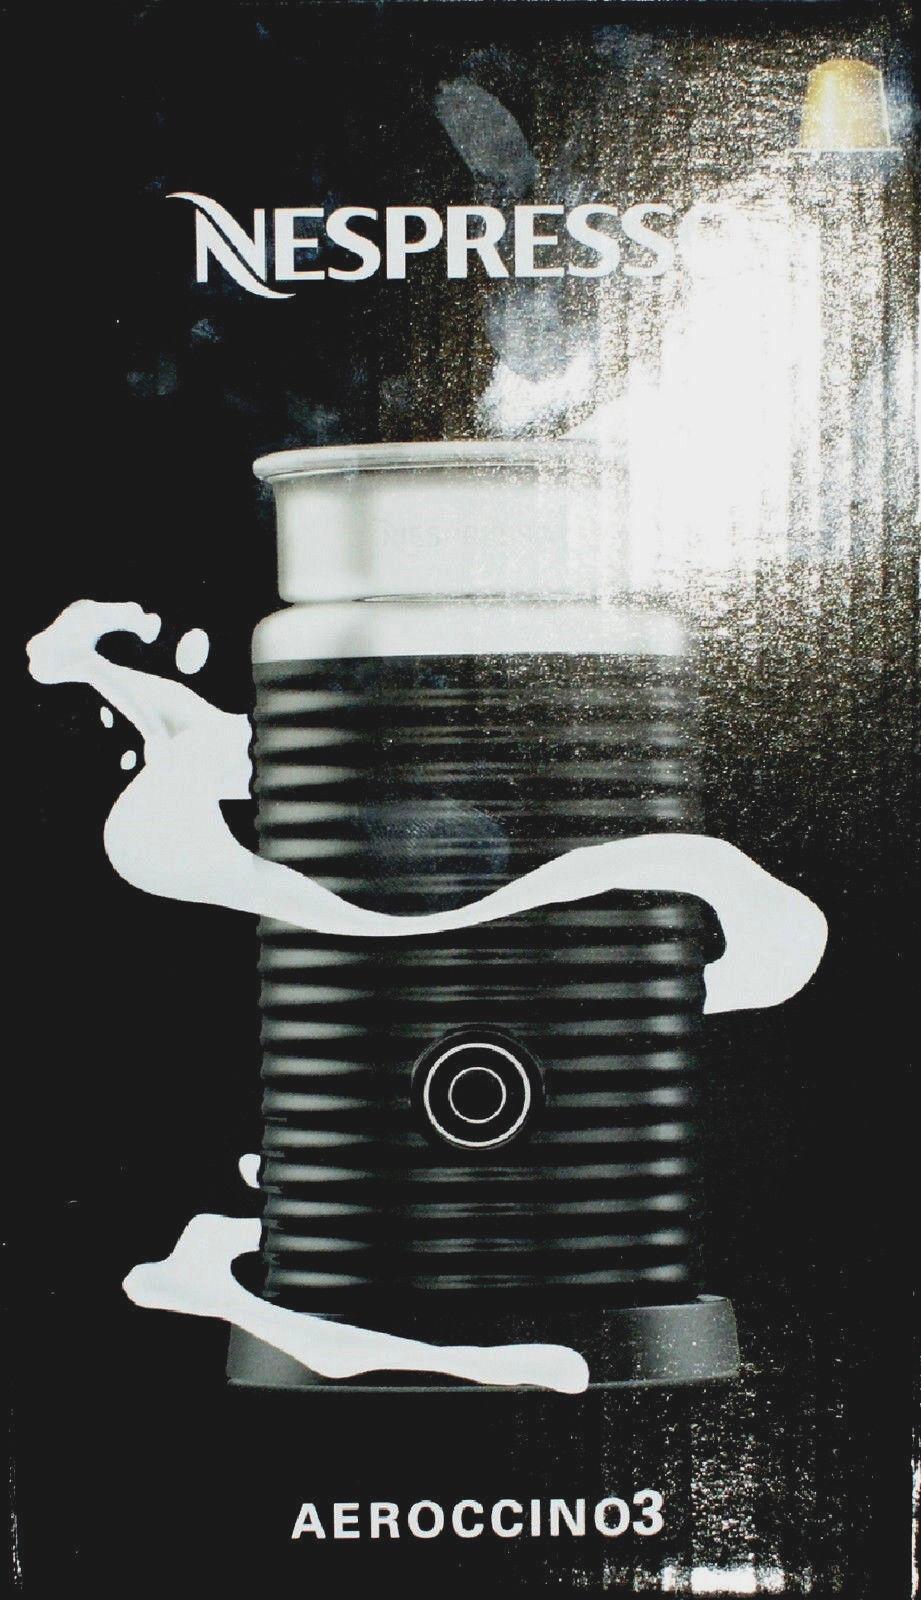 Krups MS-00058214 Quirl für Nespresso Aeroccino 2 3 4 Milchaufschäumer